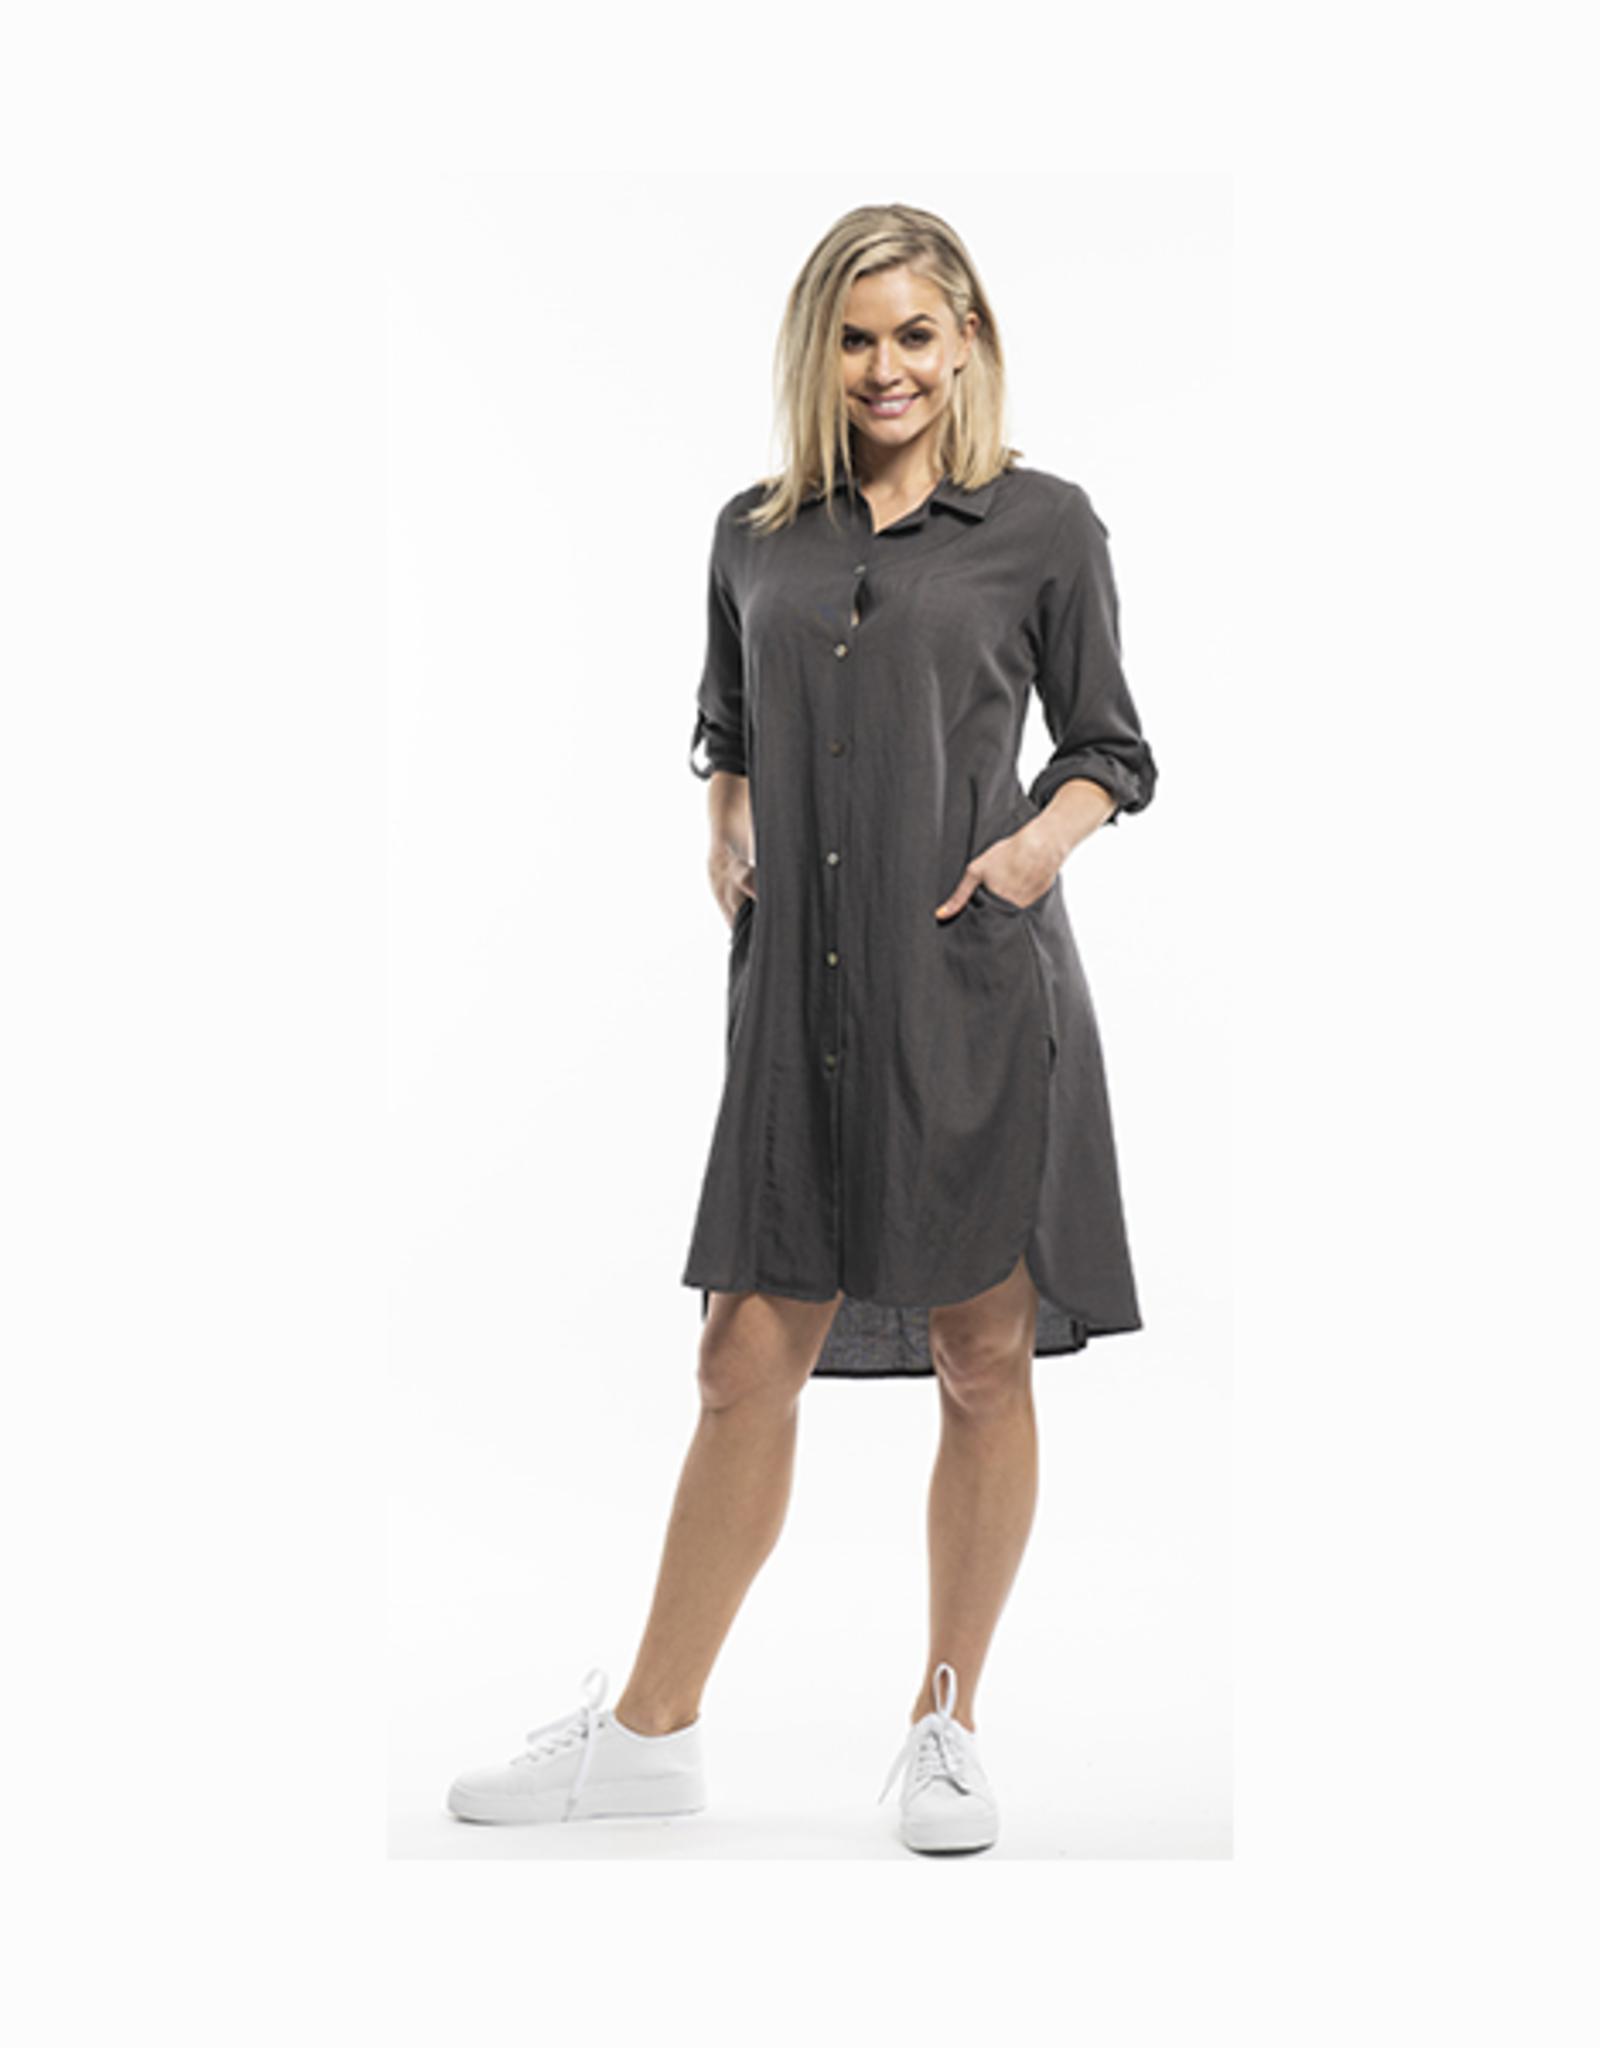 Orientique Essential Linen Dress in Grey 61373